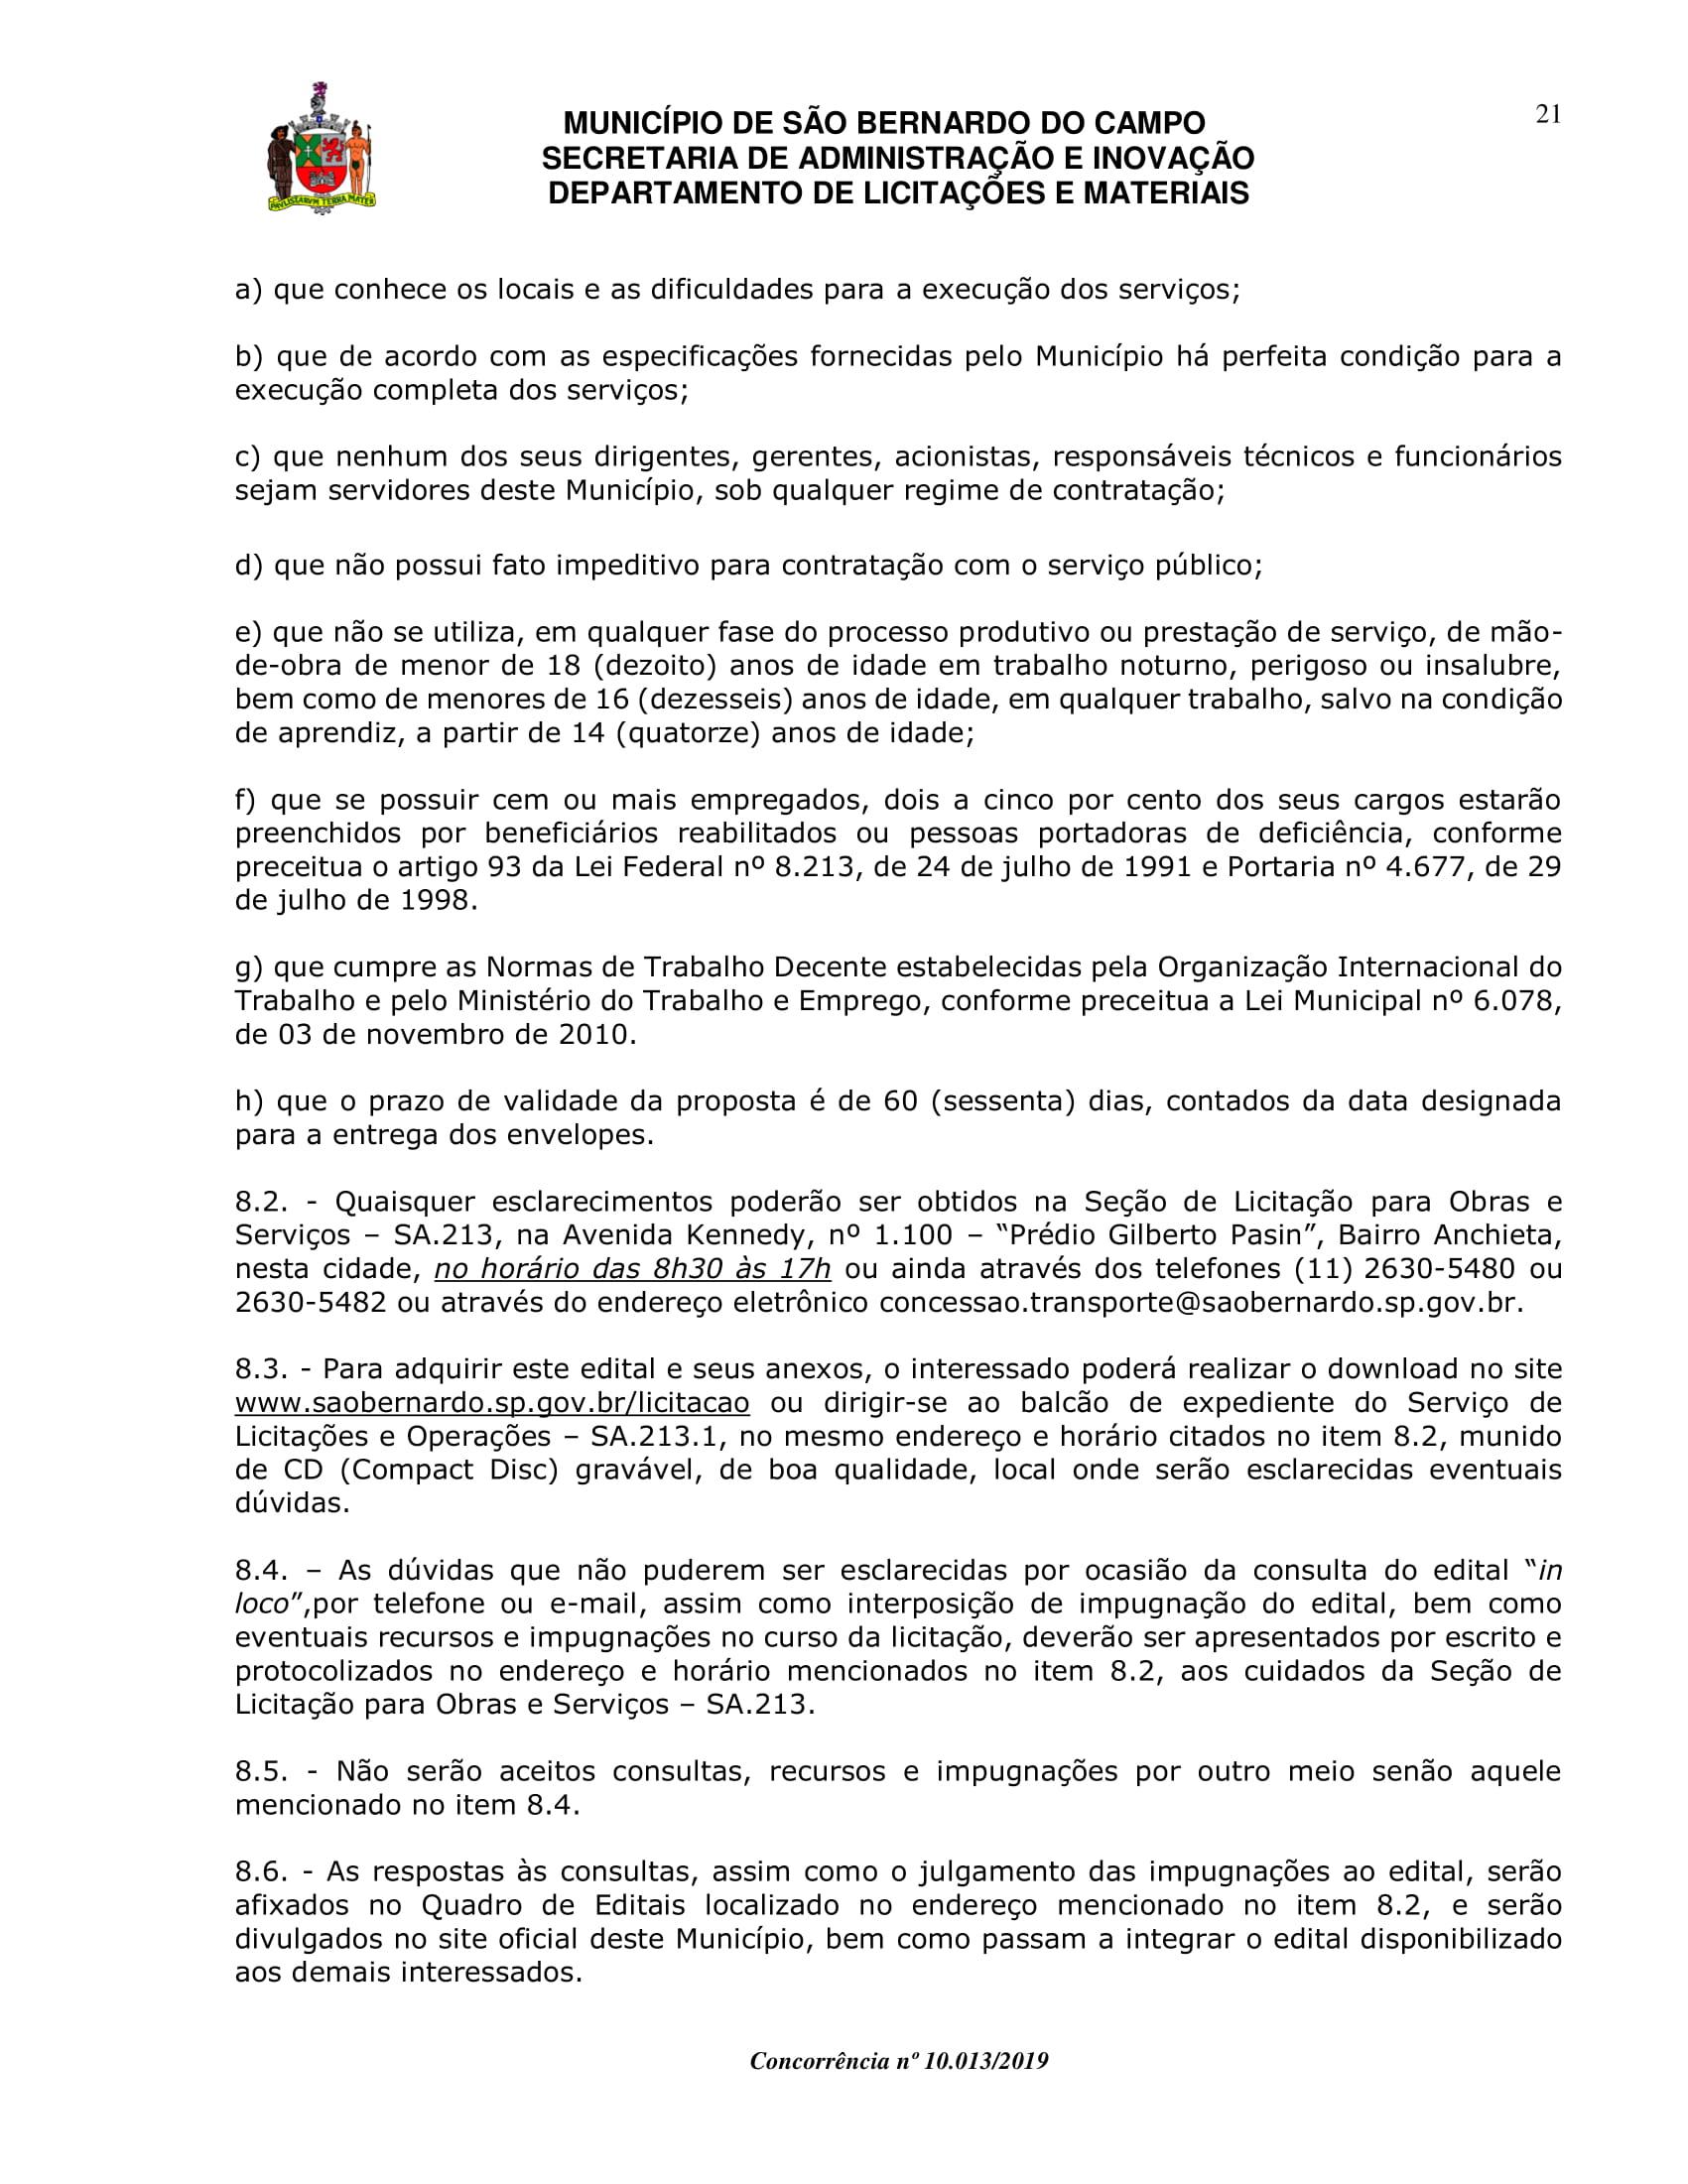 CP.10.013-19 edital-21